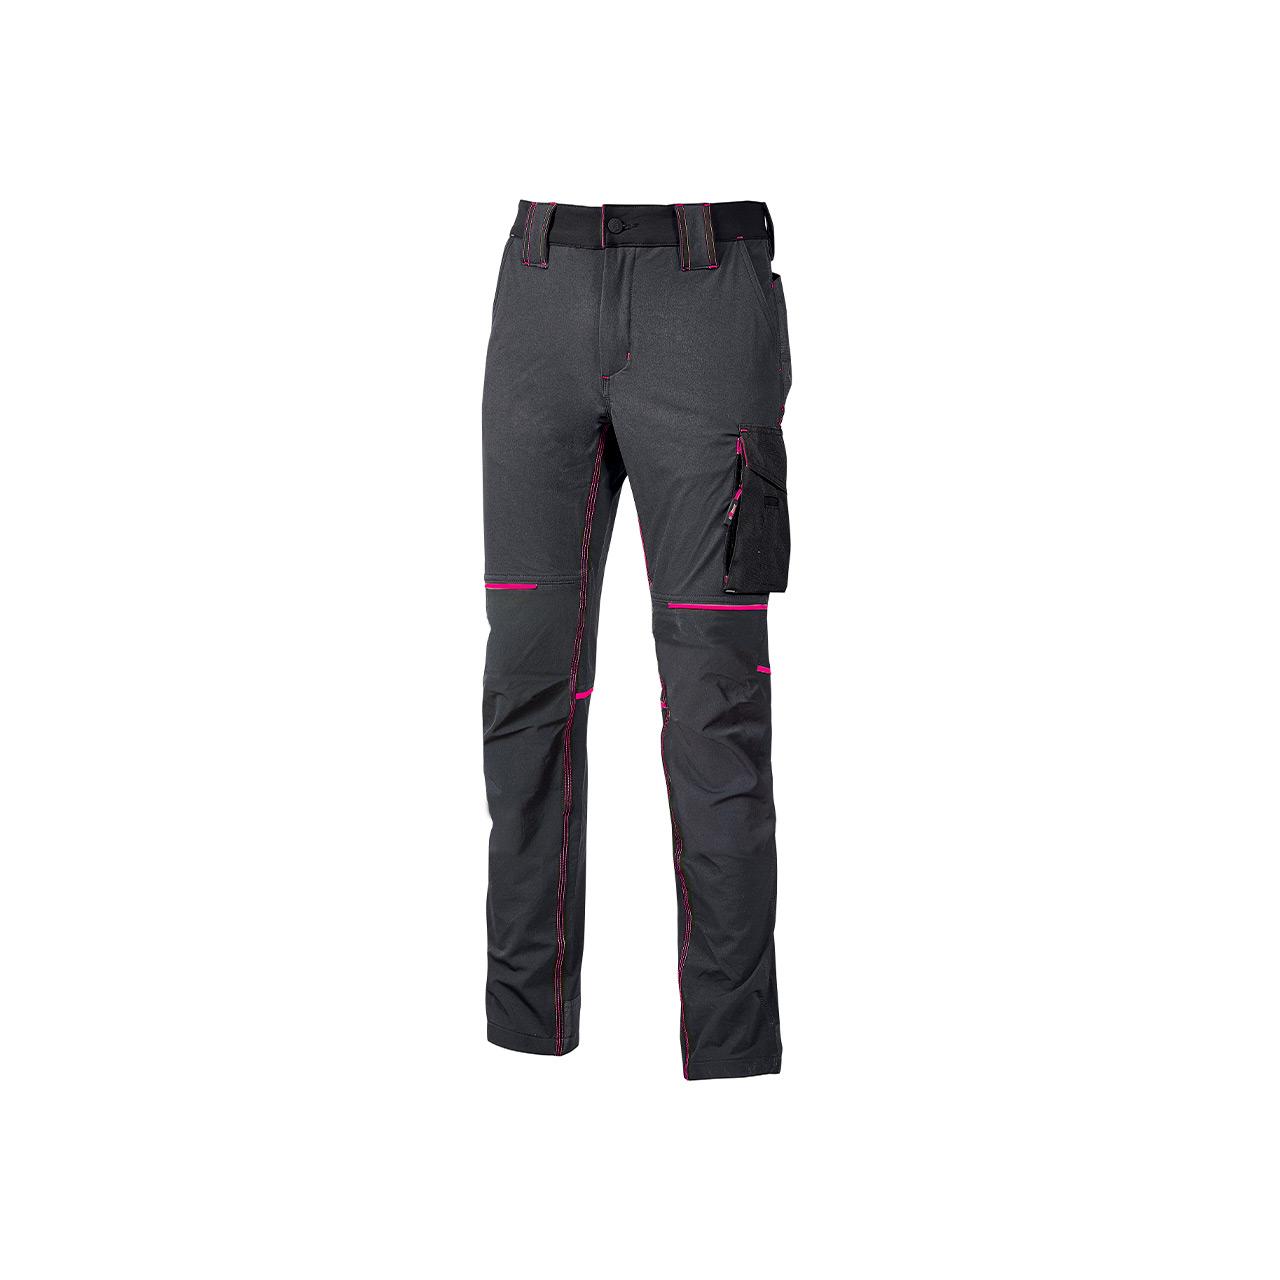 pantalone da lavoro upower modello world lady colore grey